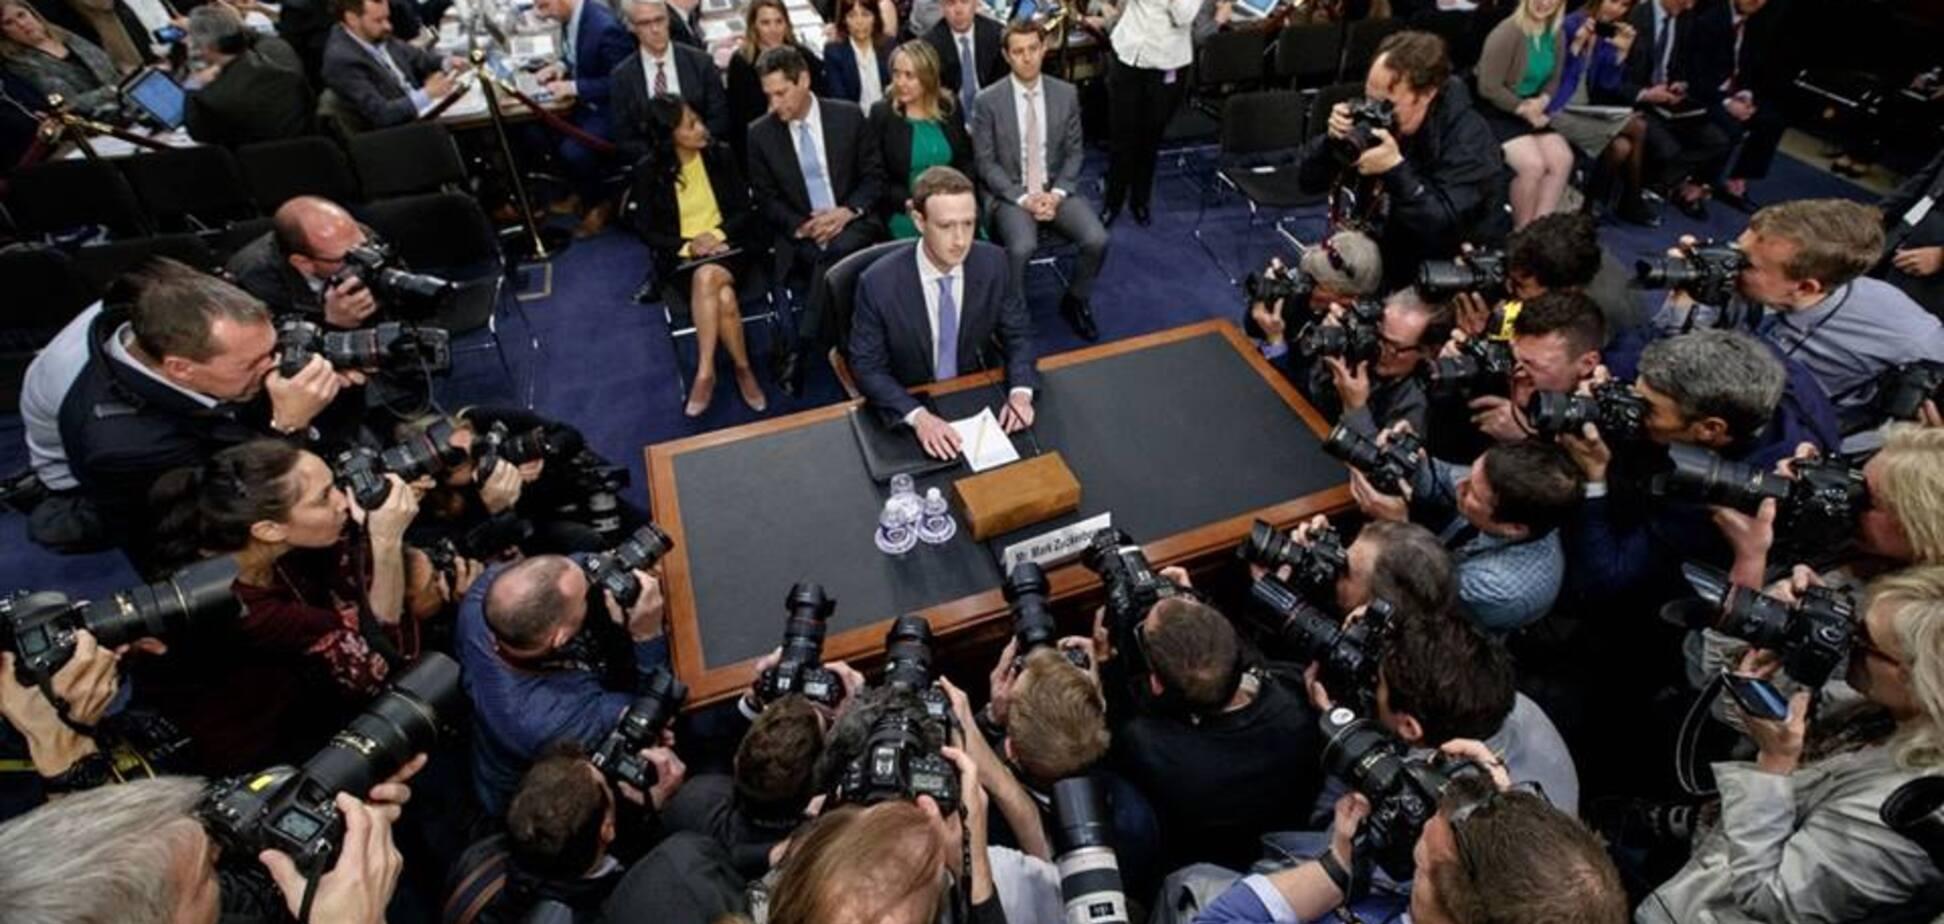 Цукерберг может вообще закрыть Фейсбук, и гори оно огнем